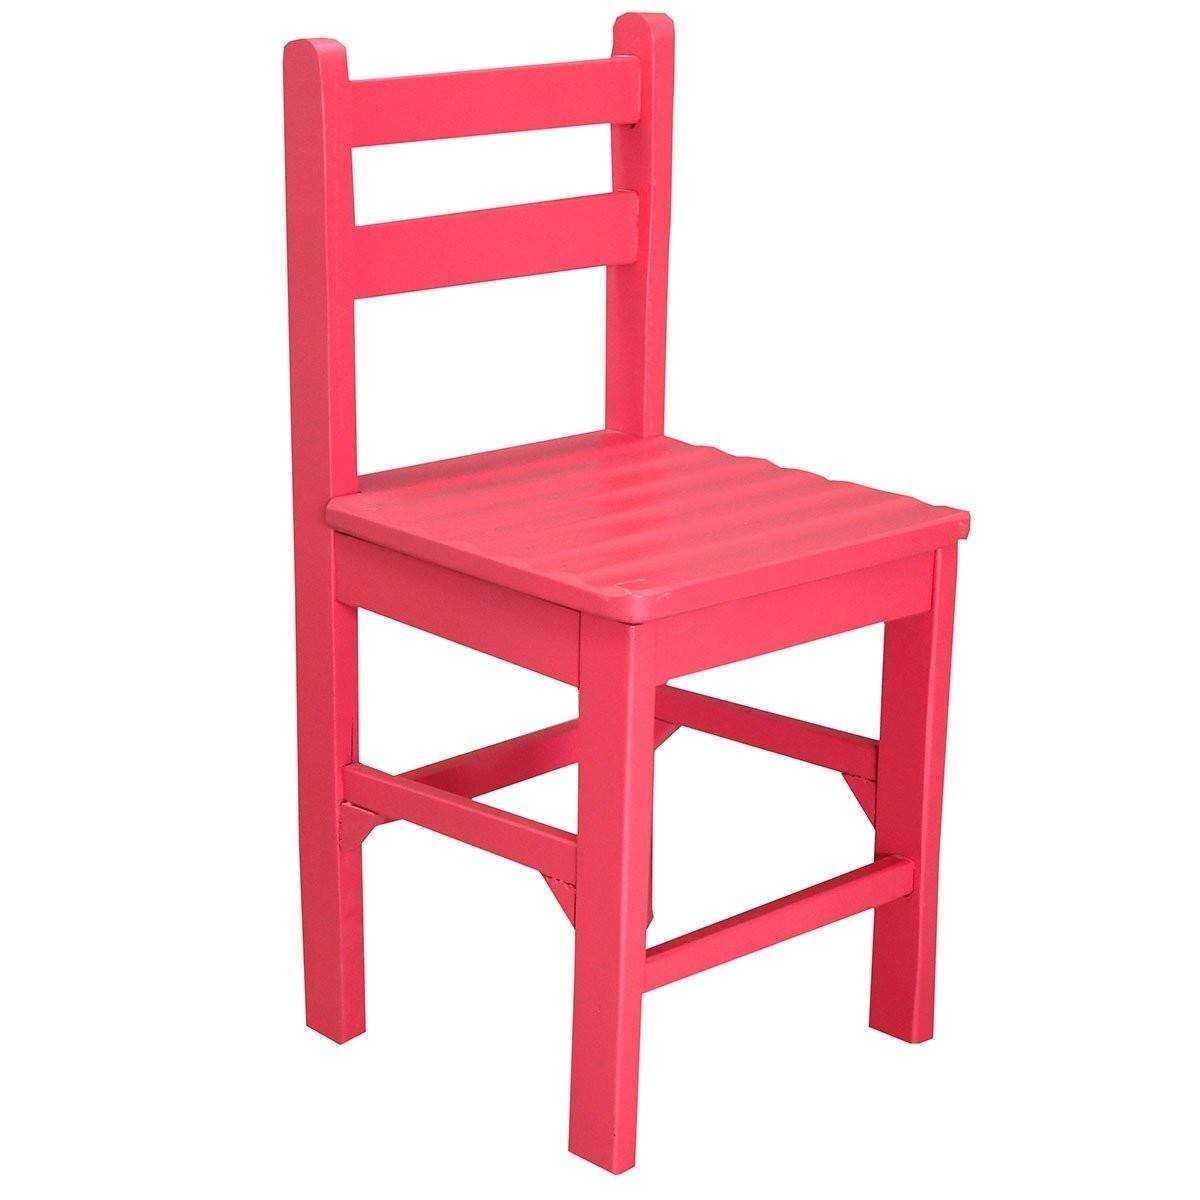 Zizuva Tasarım Ahşap Kırmızı Çocuk Sandalyesi